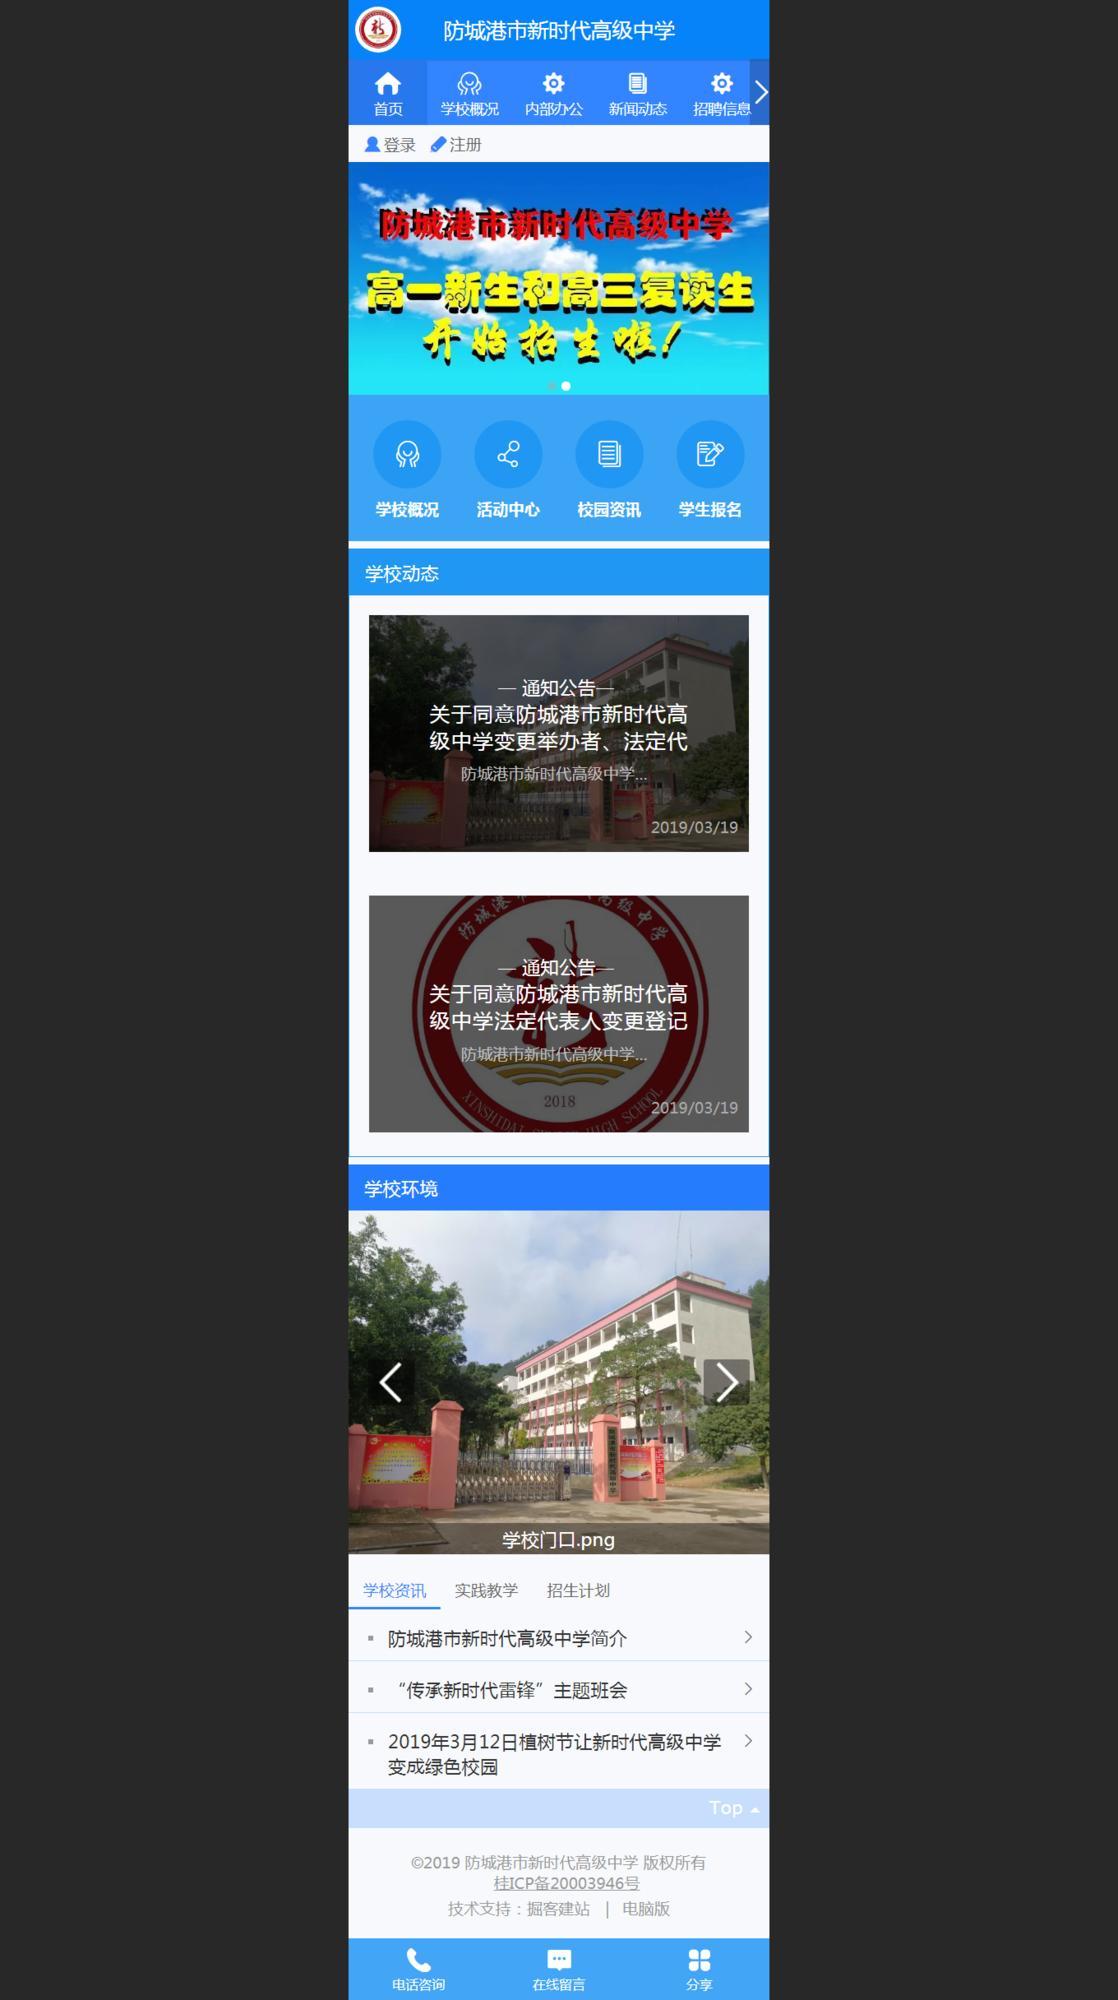 防城港市新时代高级中学手机官网2020。10.6.png